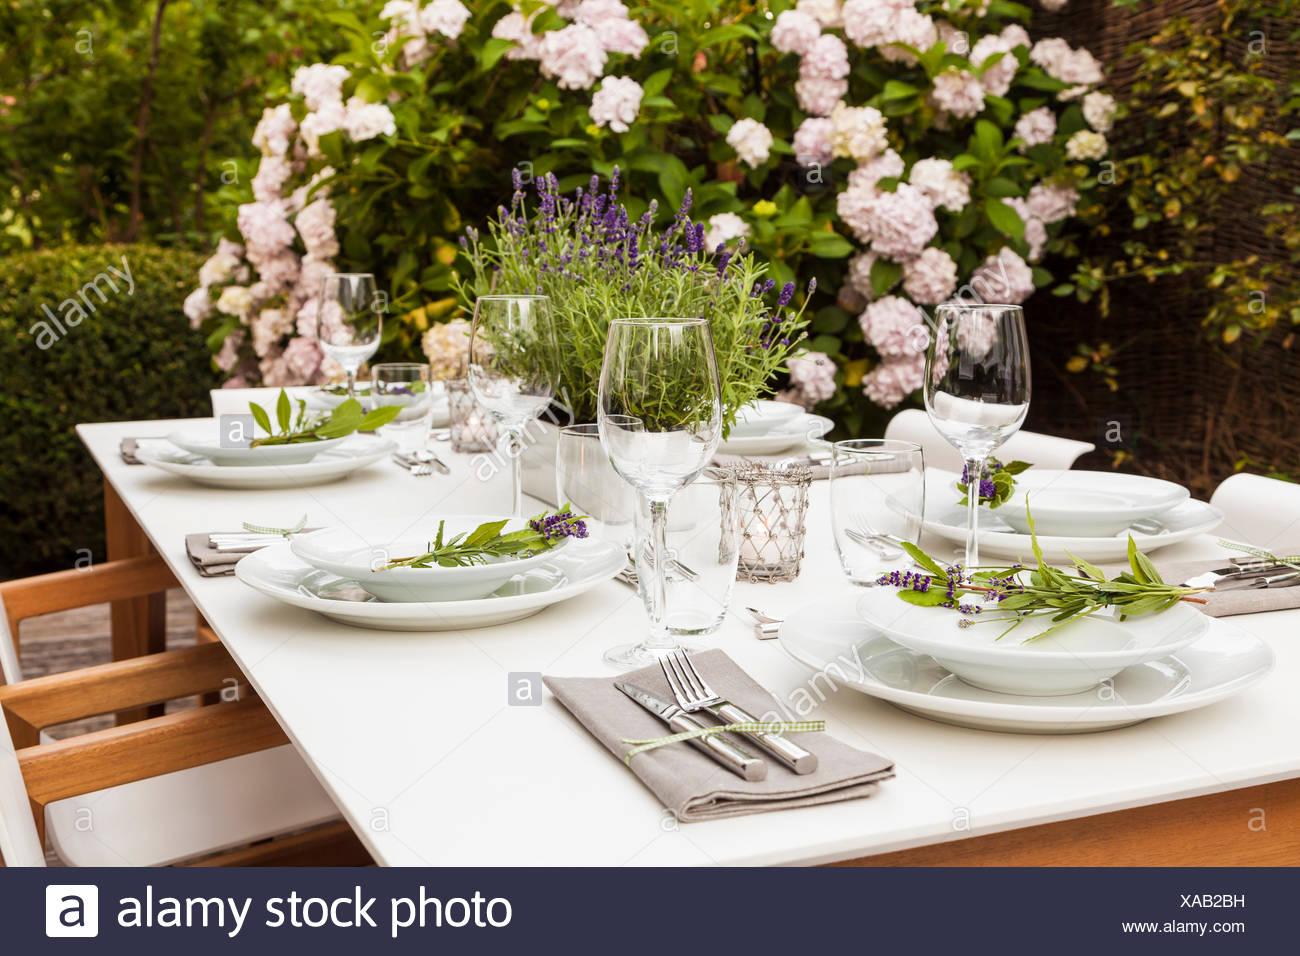 deutschland garten terrasse holzdeck gartenm bel moderne sitzgruppe gedeckter tisch. Black Bedroom Furniture Sets. Home Design Ideas